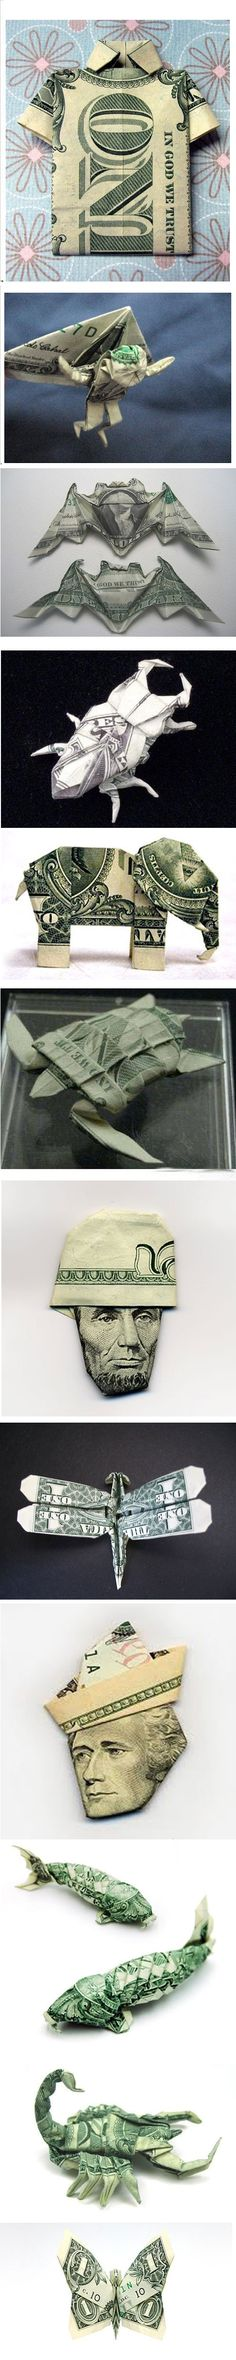 Money always has random uses!